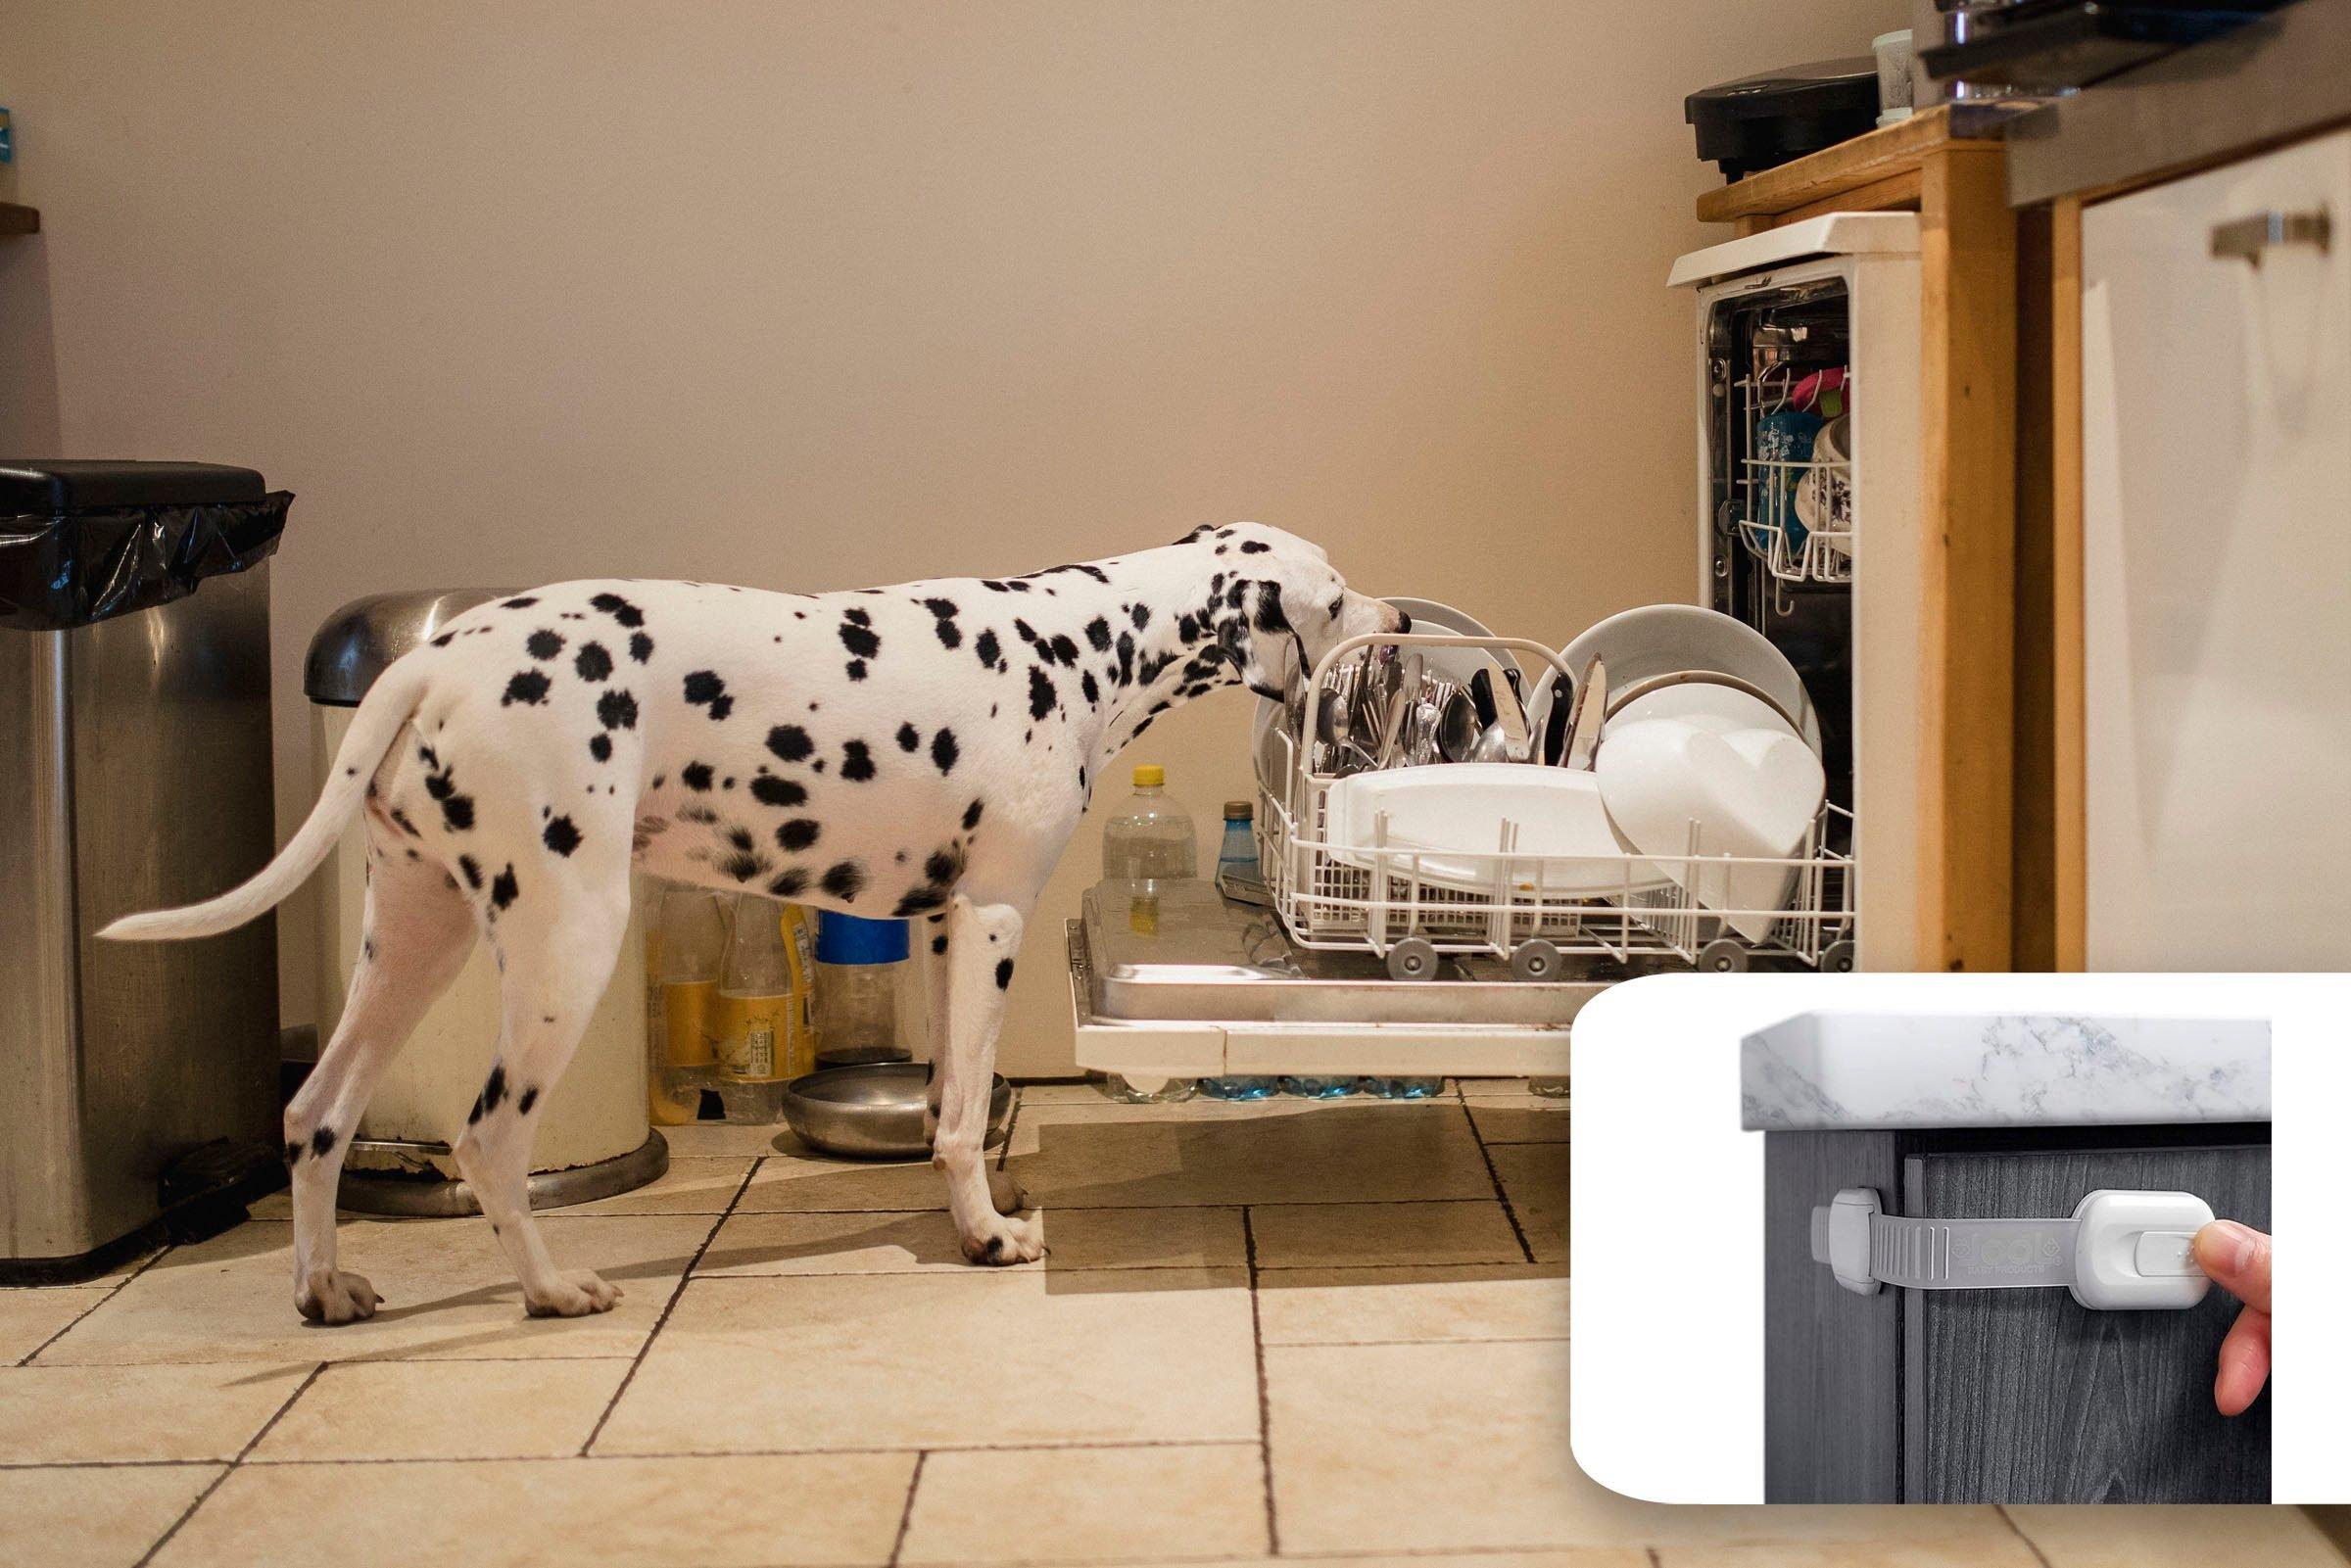 dog dishwasher